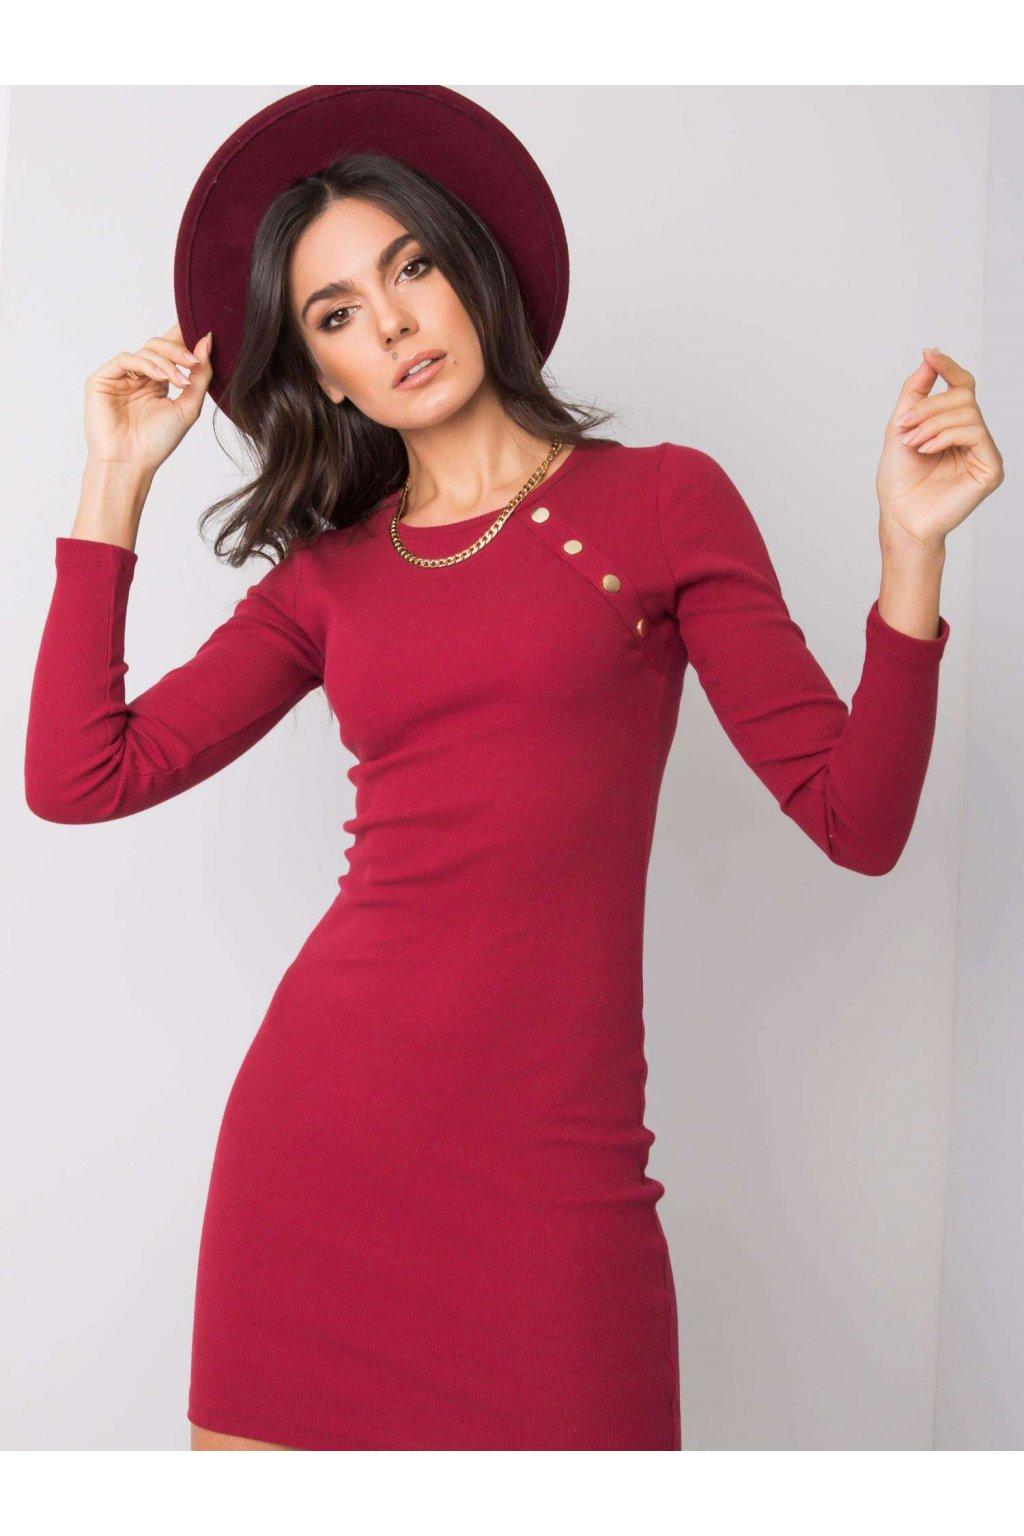 pol pl Bordowa sukienka Madlene RUE PARIS 358874 1